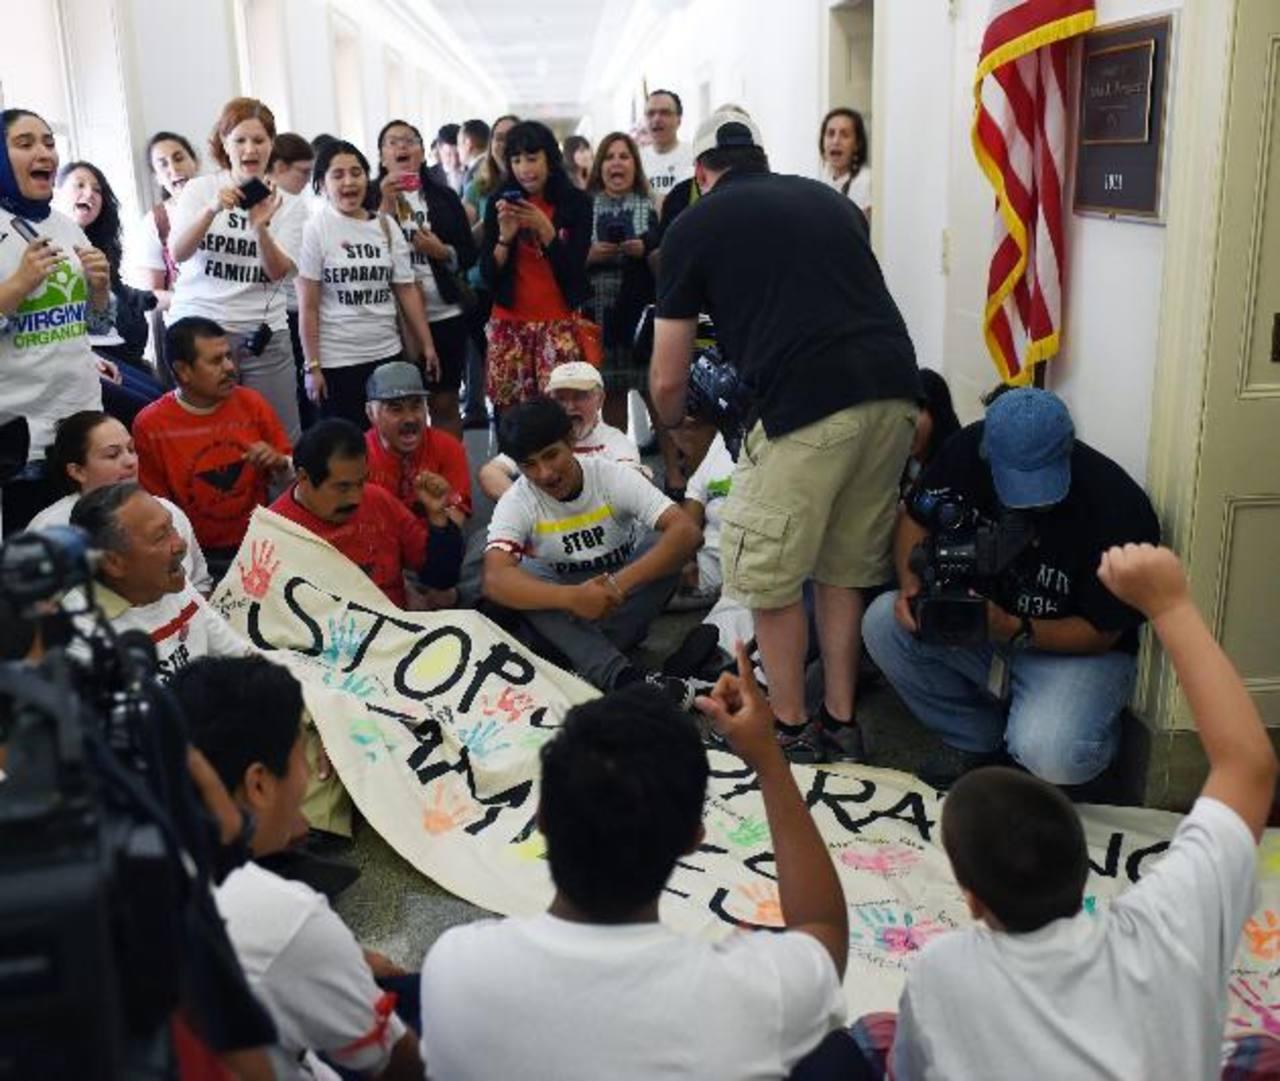 Unos jóvenes protestaron contra las deportaciones afuera de la oficina del republicano John Boehner en el Congreso. EFE